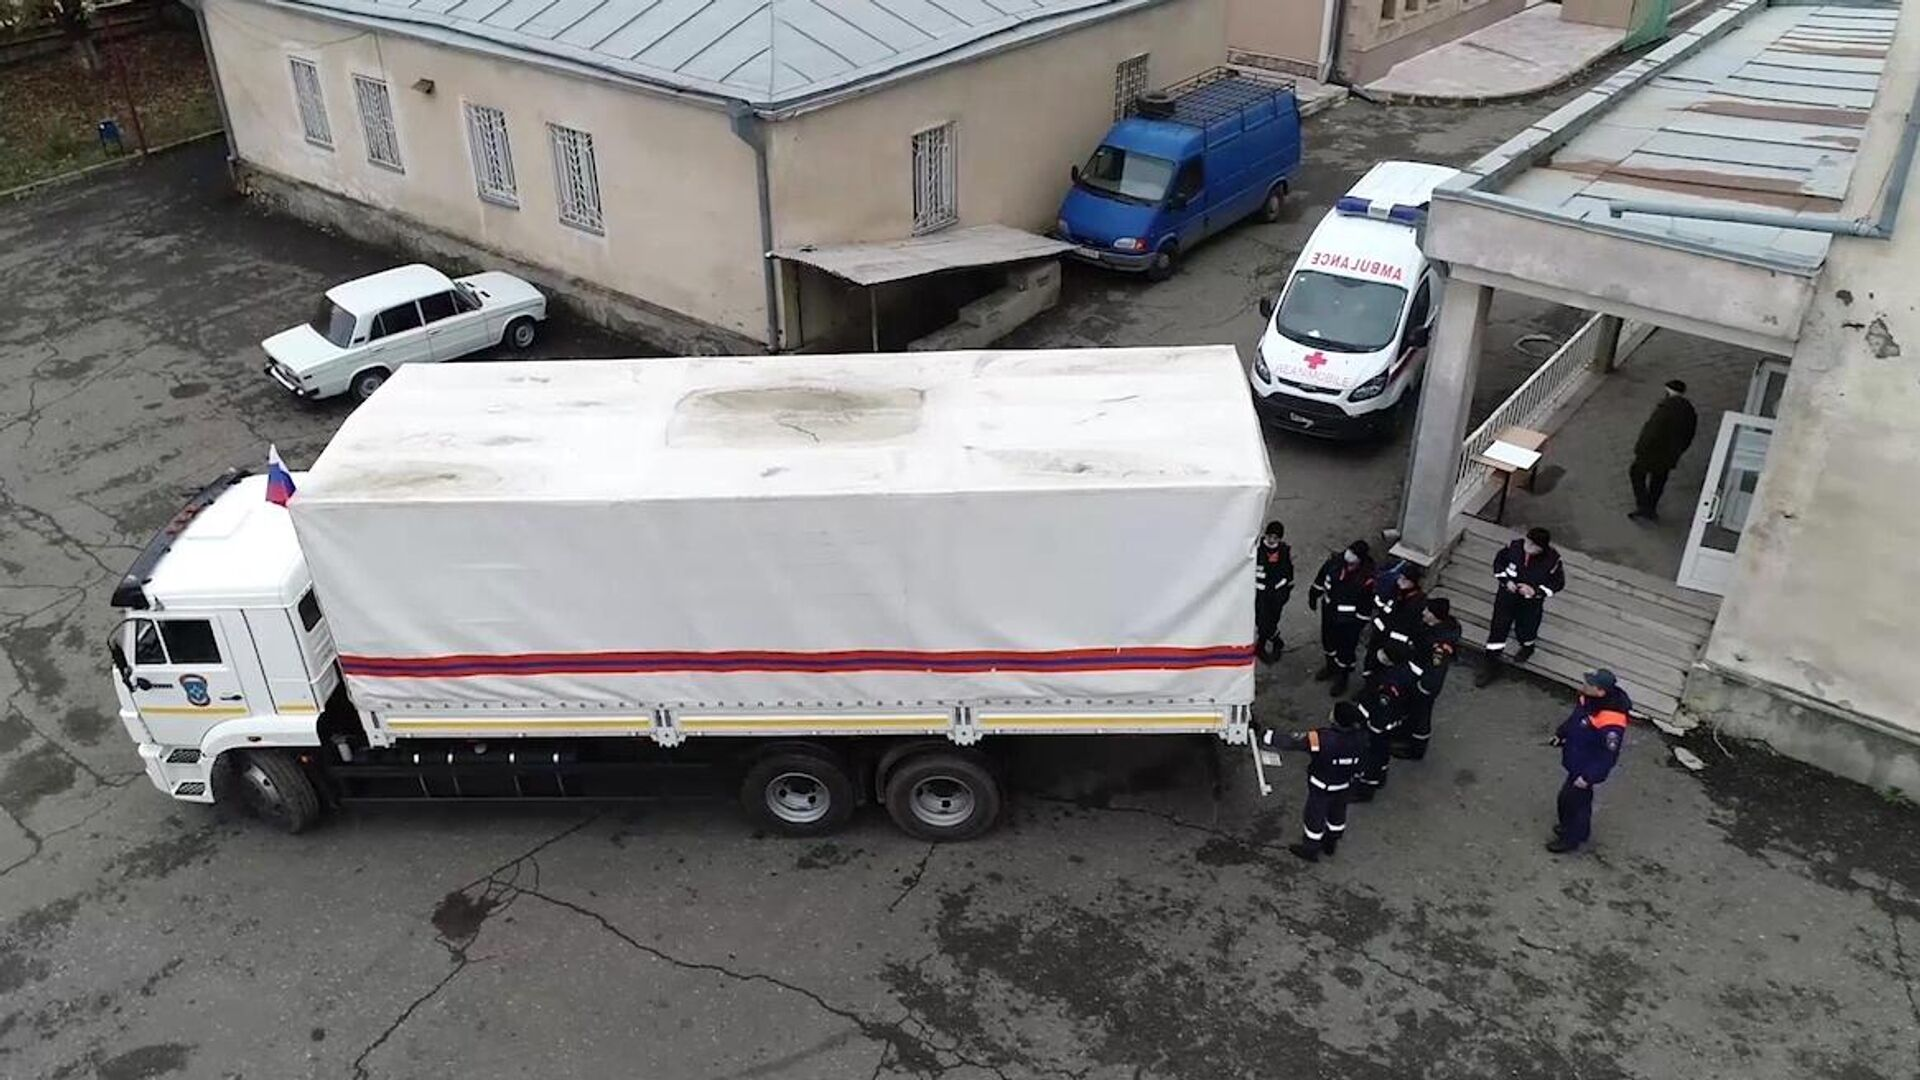 Гуманитарная помощь доставлена из России в Нагорный Карабах  - РИА Новости, 1920, 02.12.2020